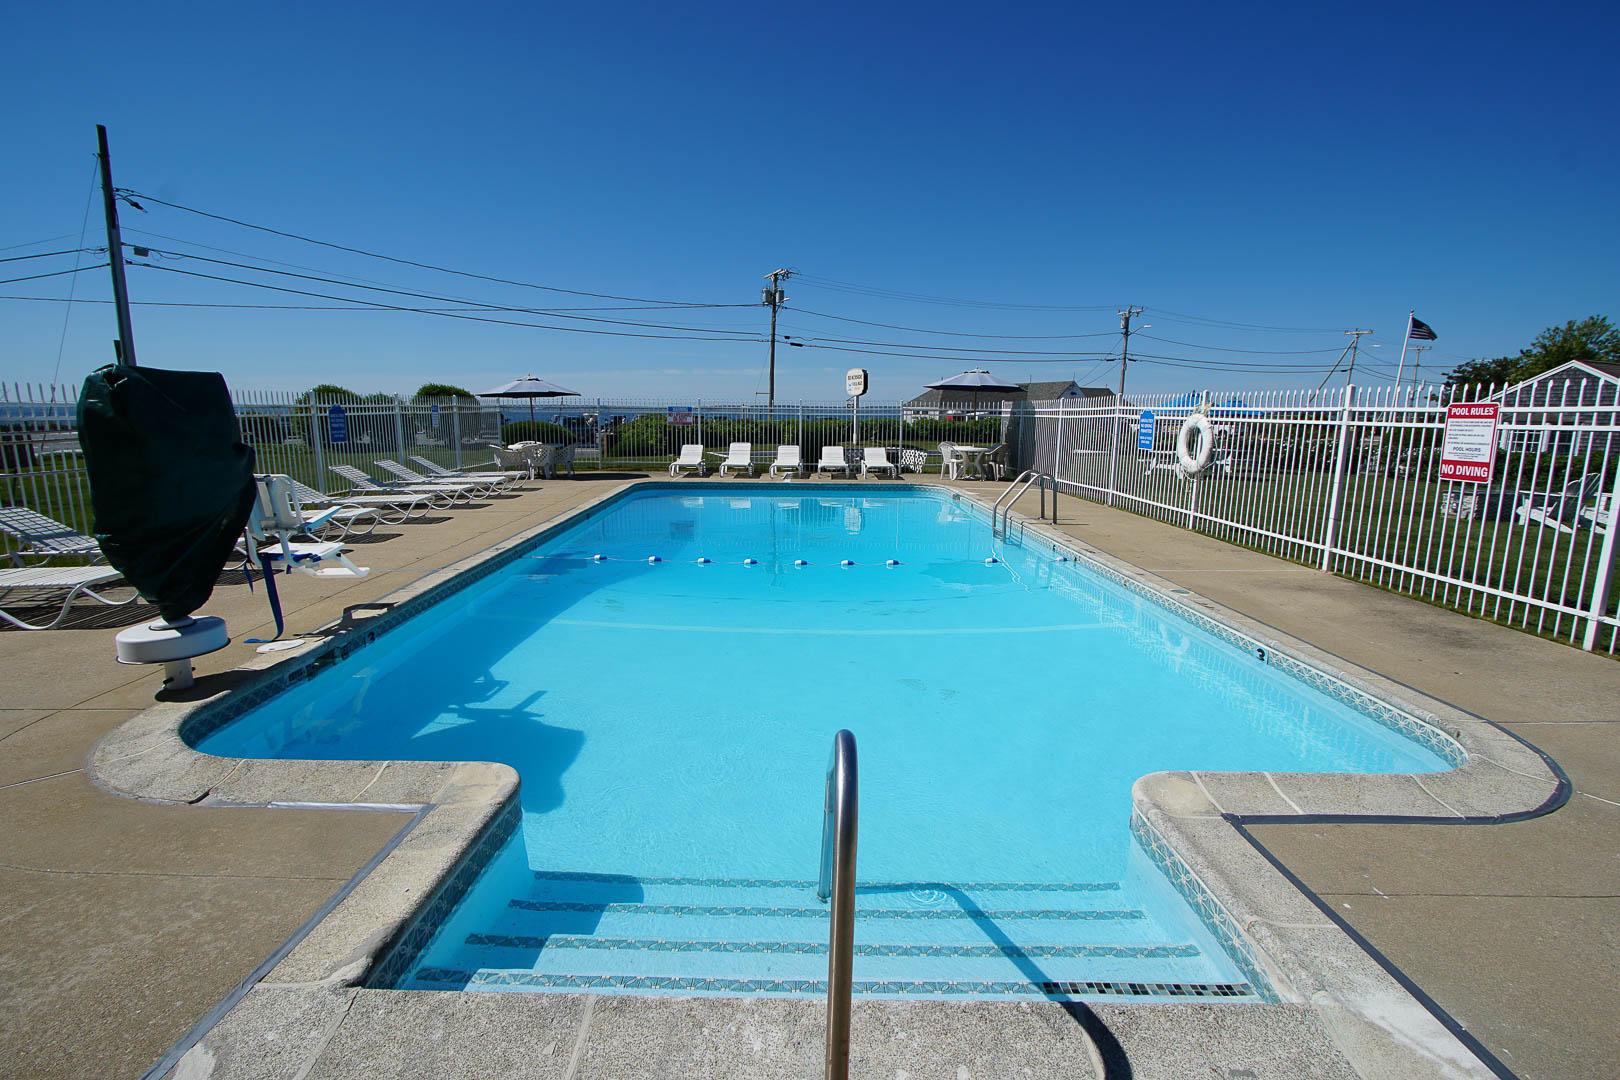 A crisp pool at VRI's Beachside Village Resort in Massachusetts.